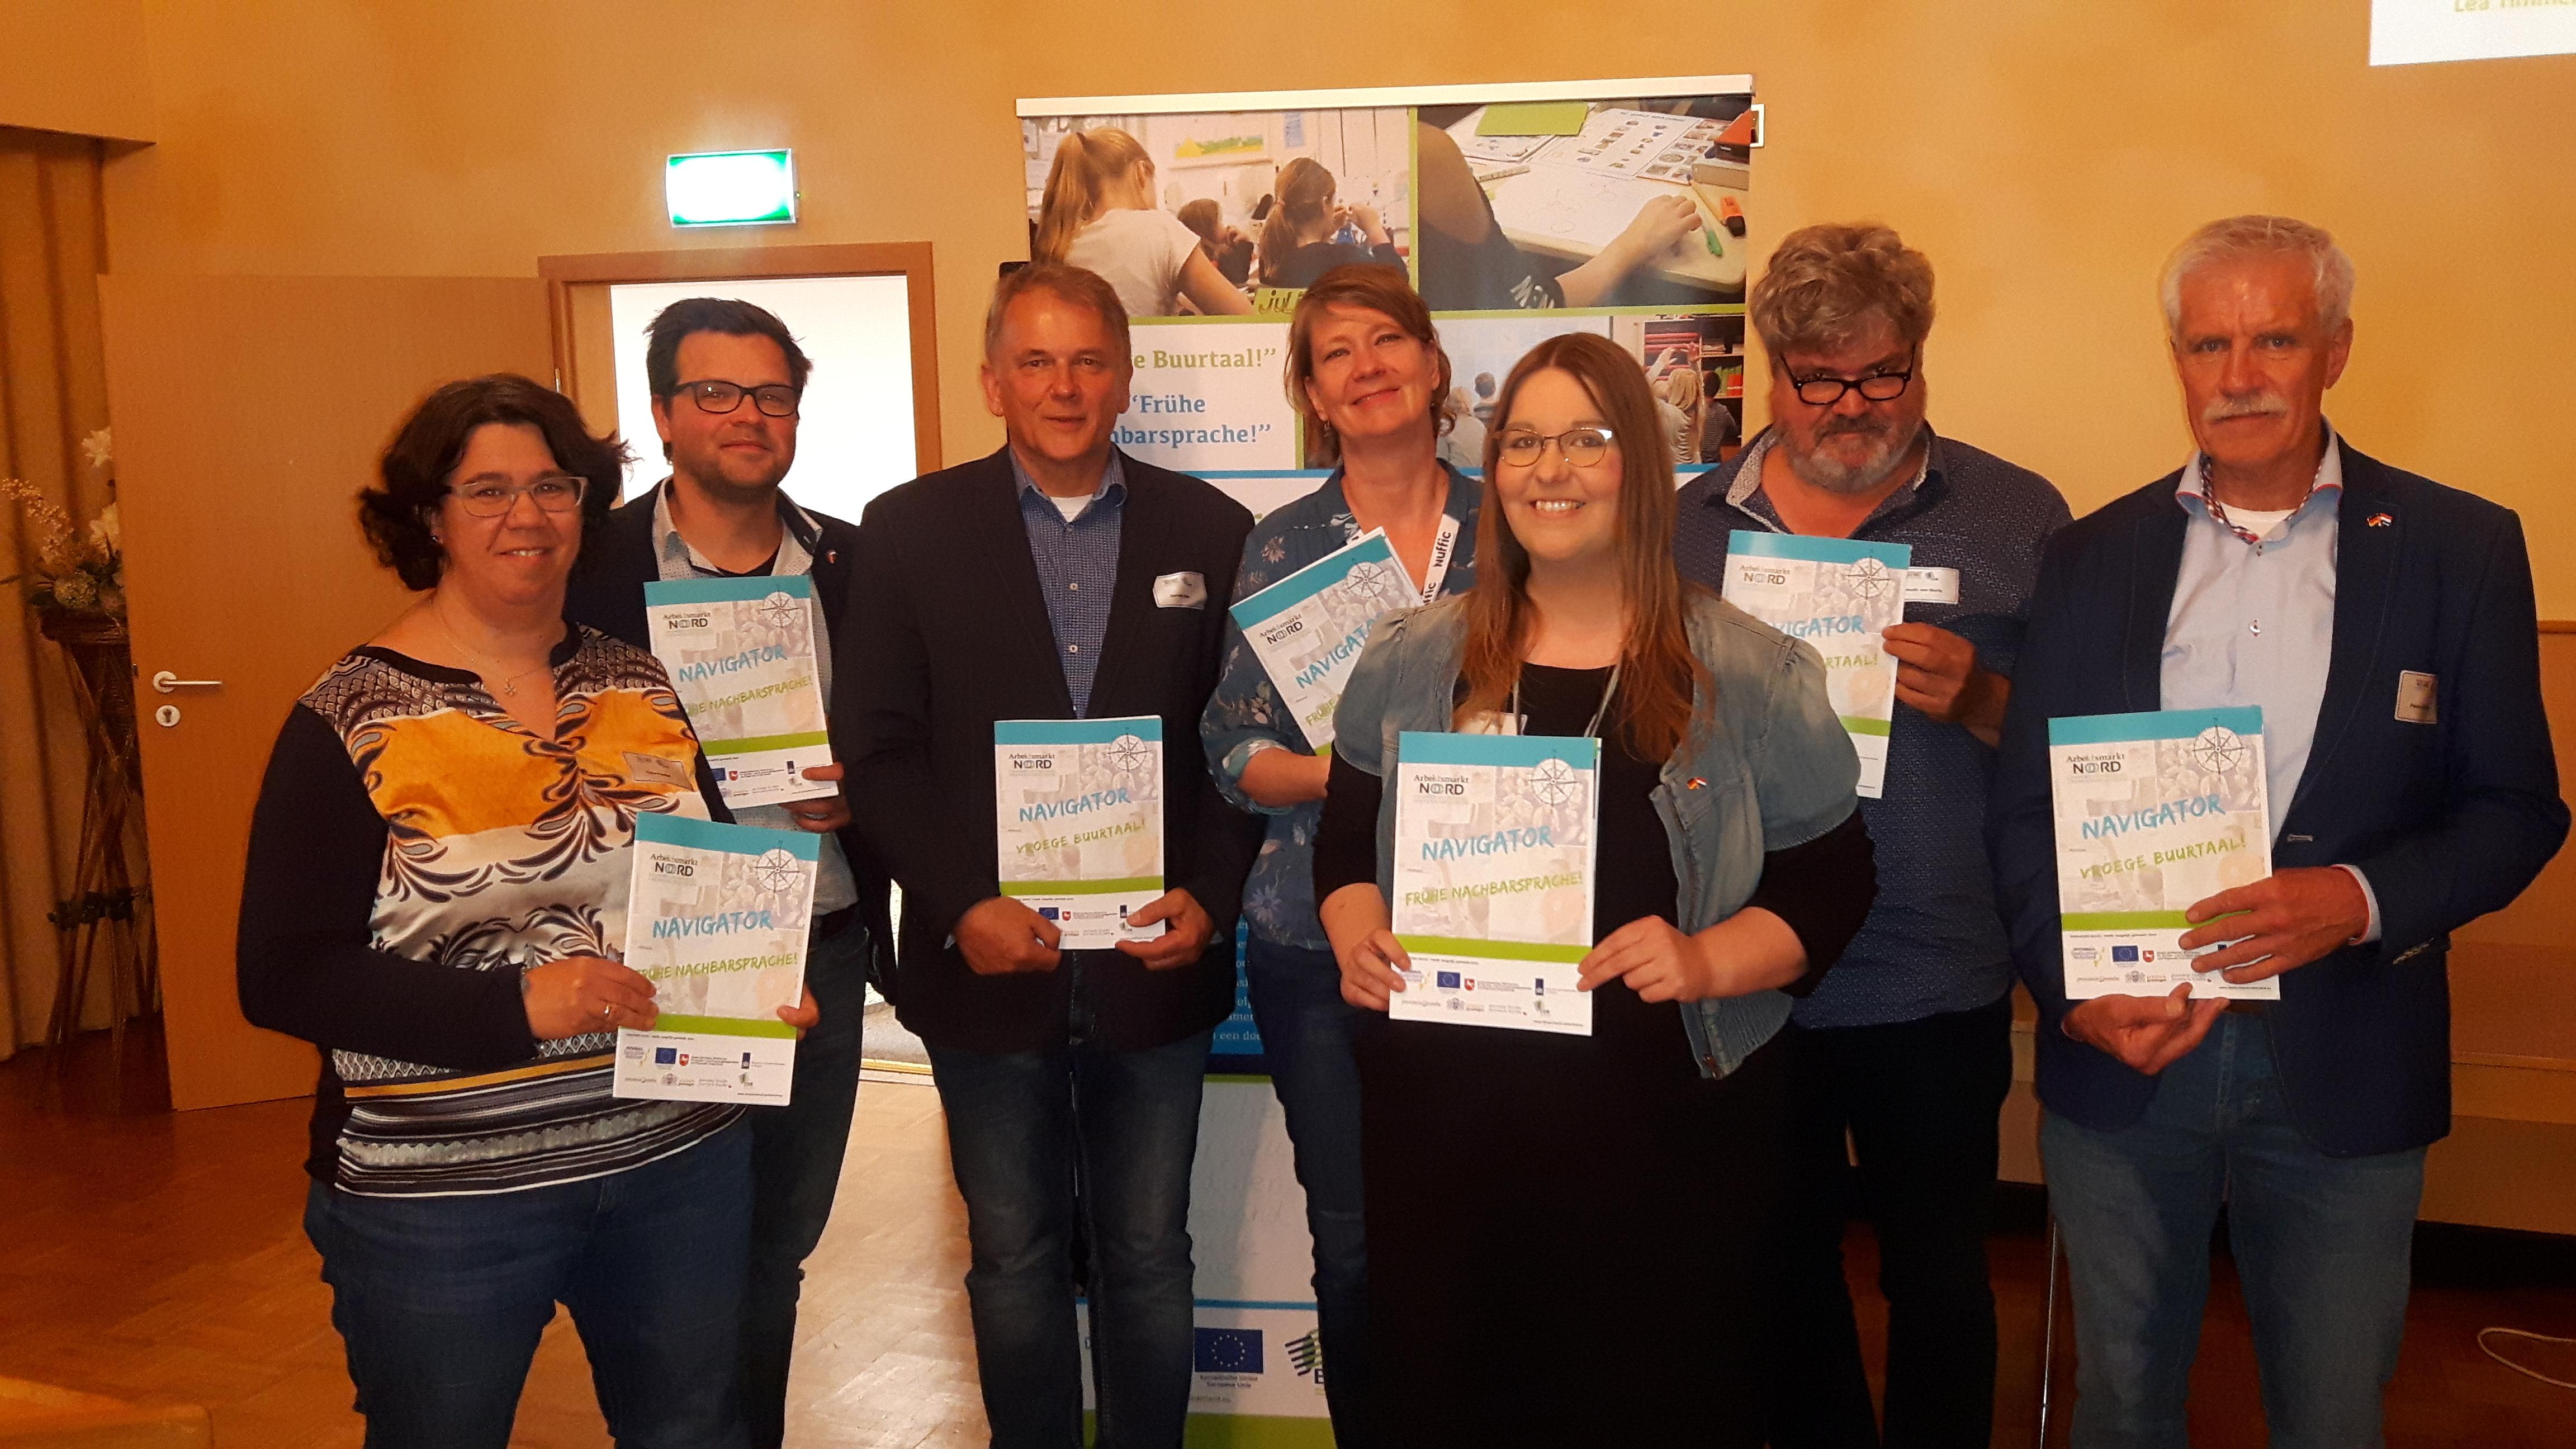 Nederlands-Duits project 'Vroege Buurtaal!' presenteert 'Navigator Vroege Buurtaal!'